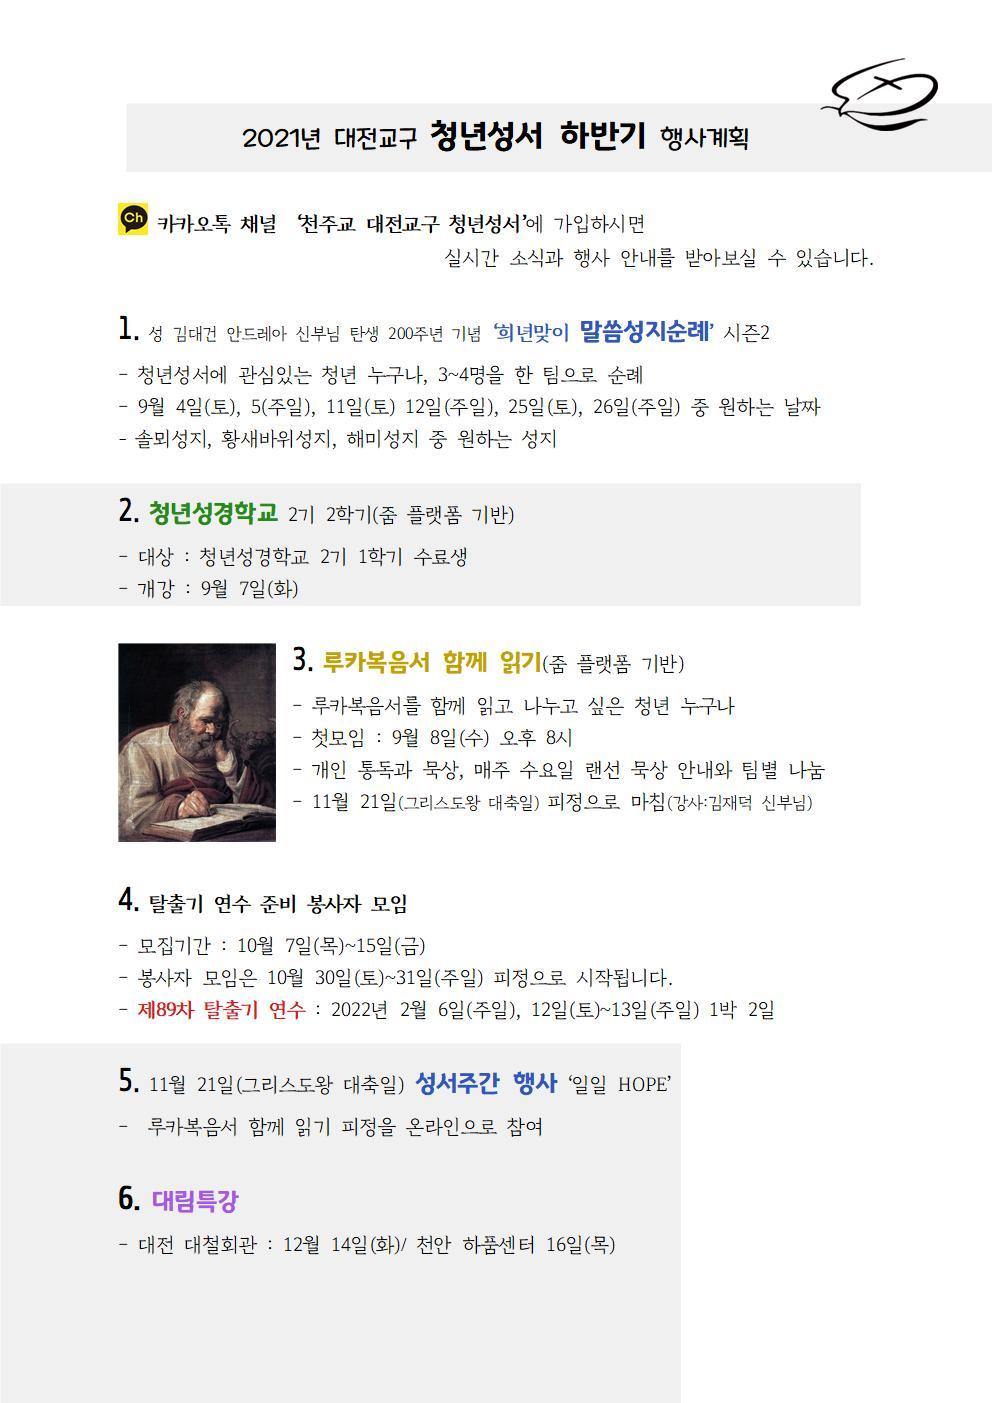 2021년 대전교구 청년성서 하반기 행사계획001.jpg